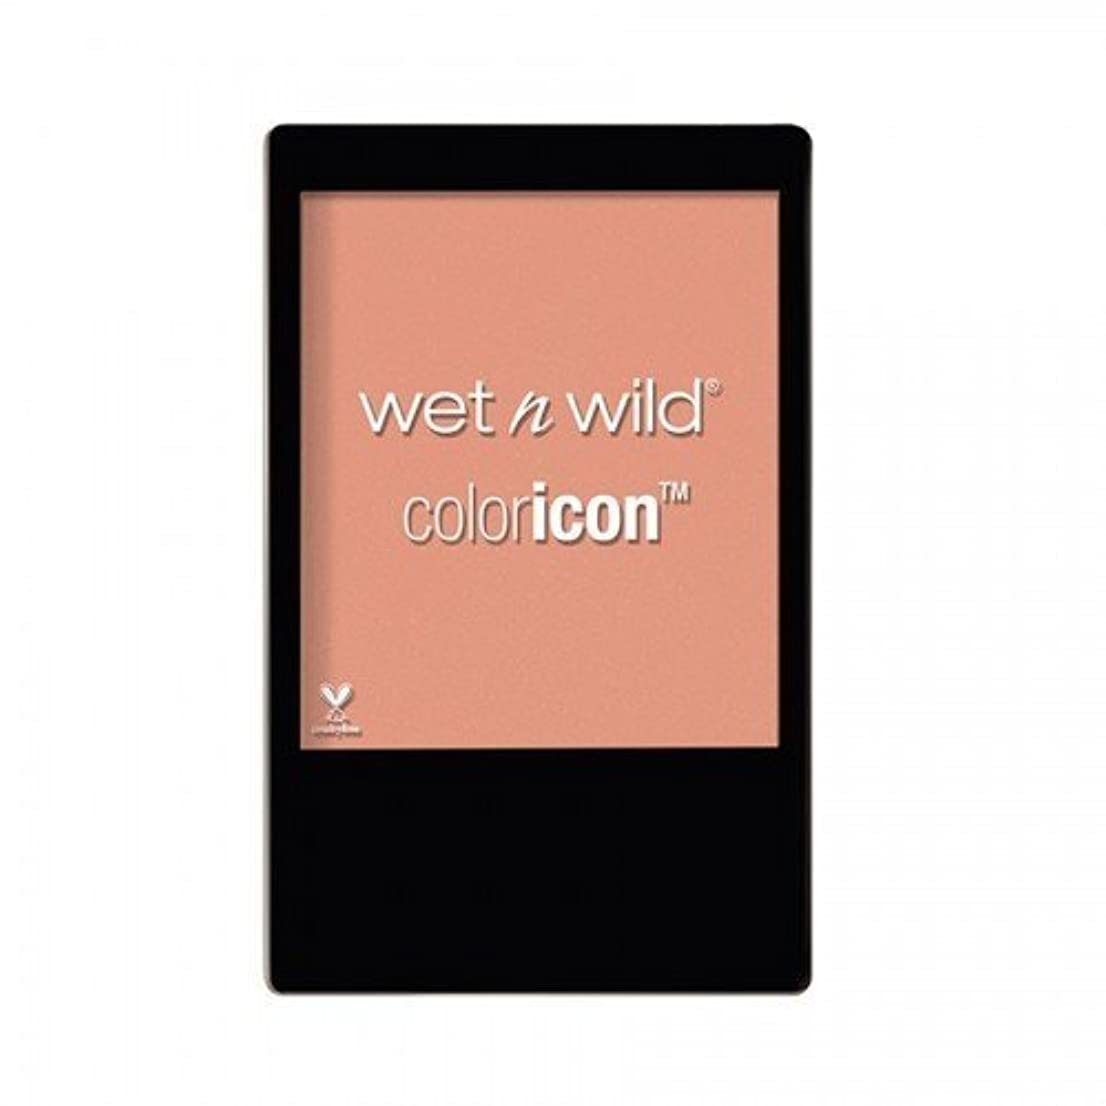 パキスタン人昇進ベアリングサークルWET N WILD Color Icon Blush (New) - Rose Champagne (並行輸入品)